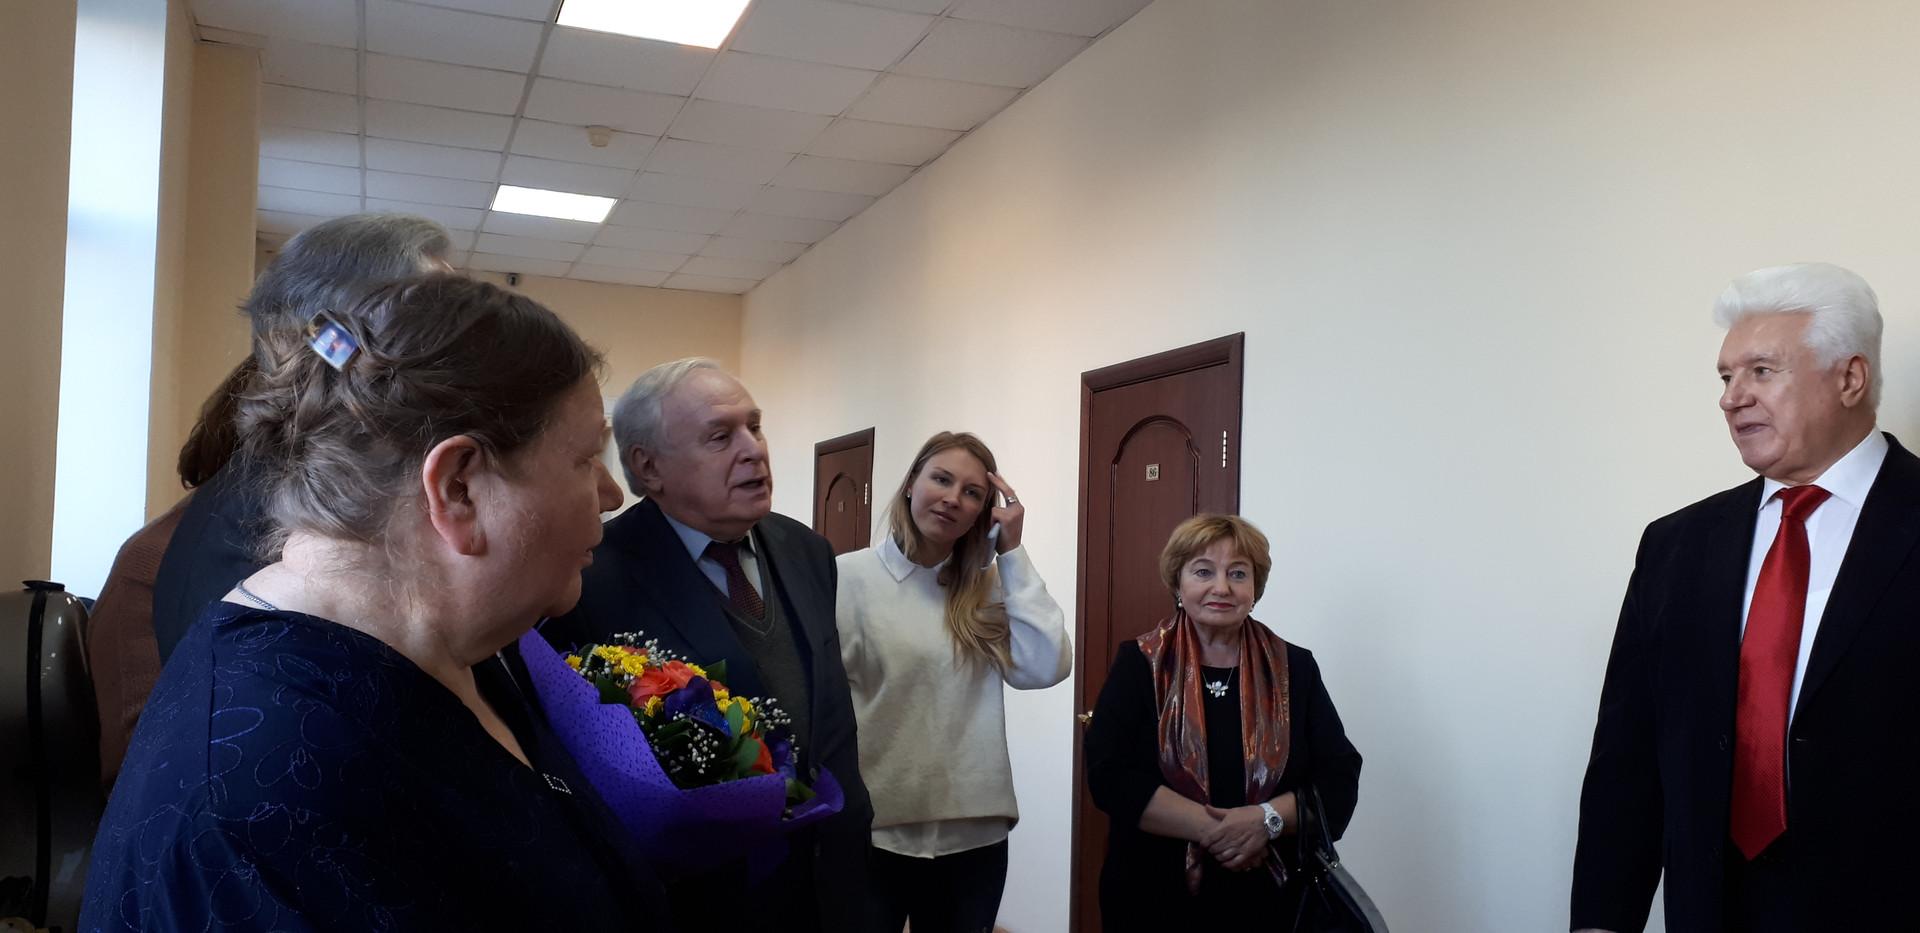 П.Б.Ландо, профессор Московской консерватории